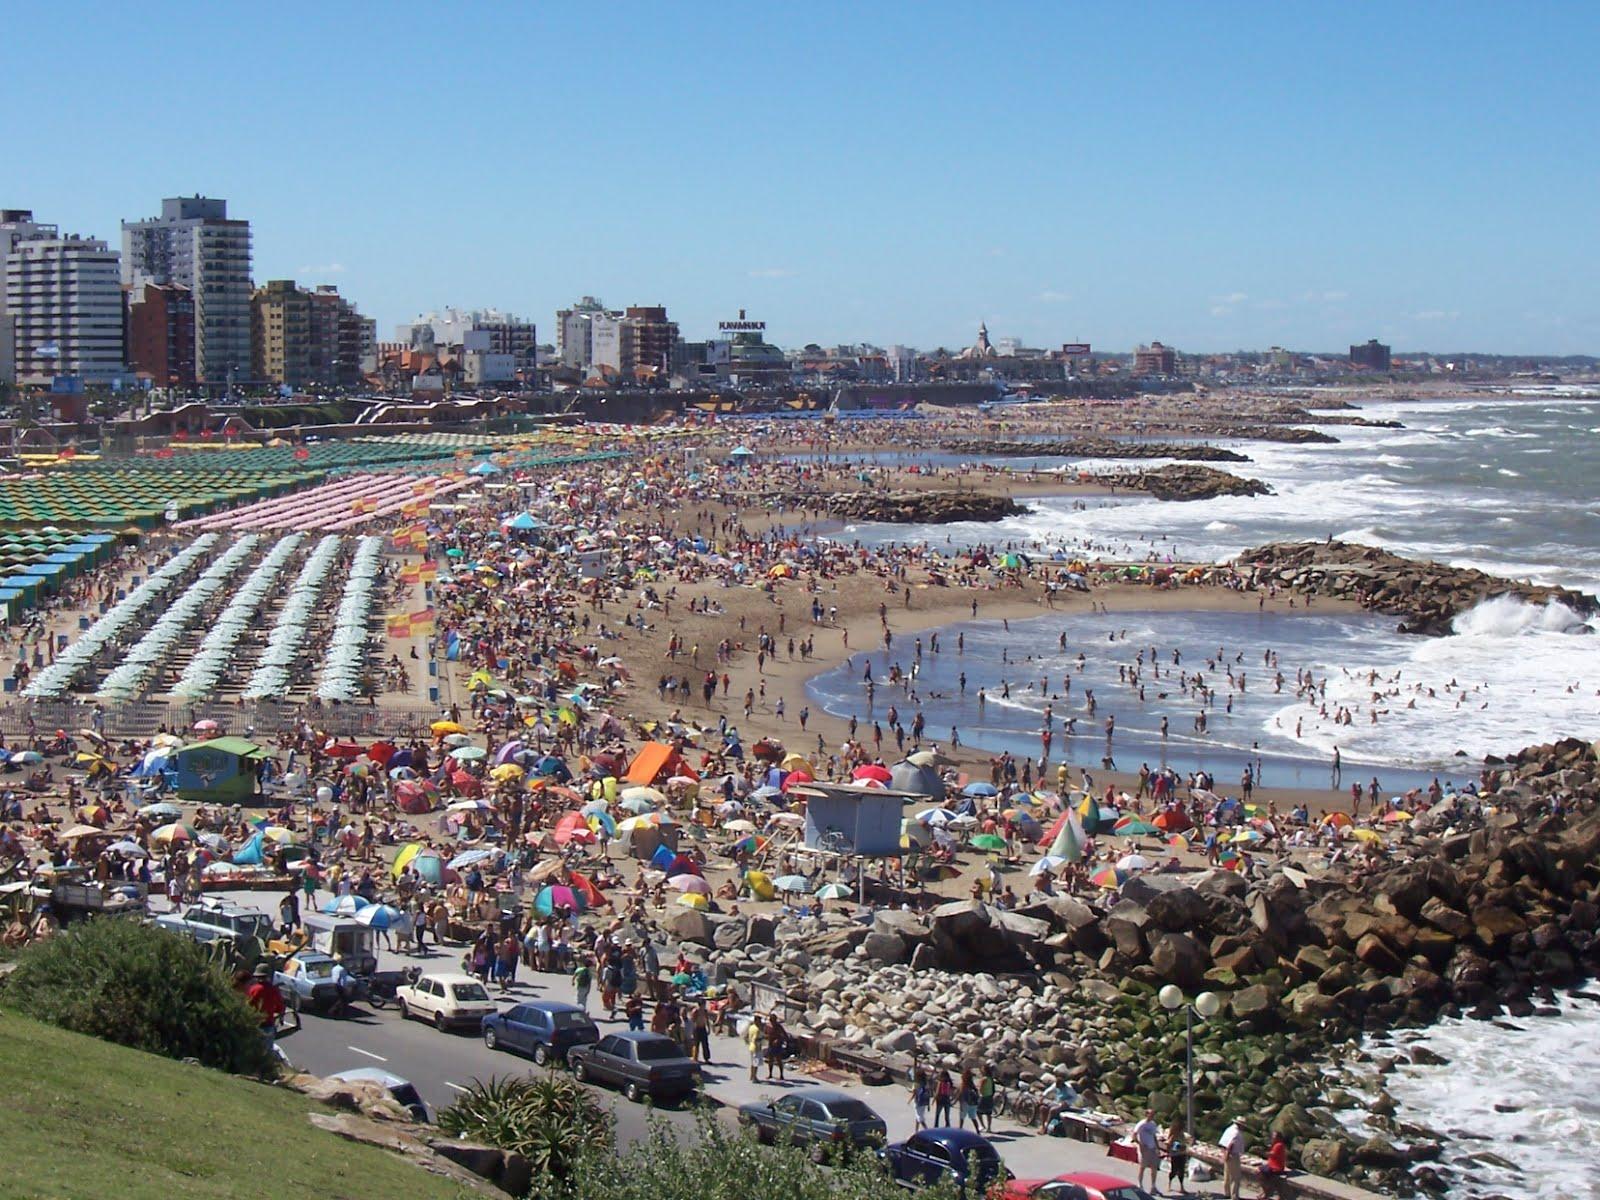 habitantes mendoza argentina: